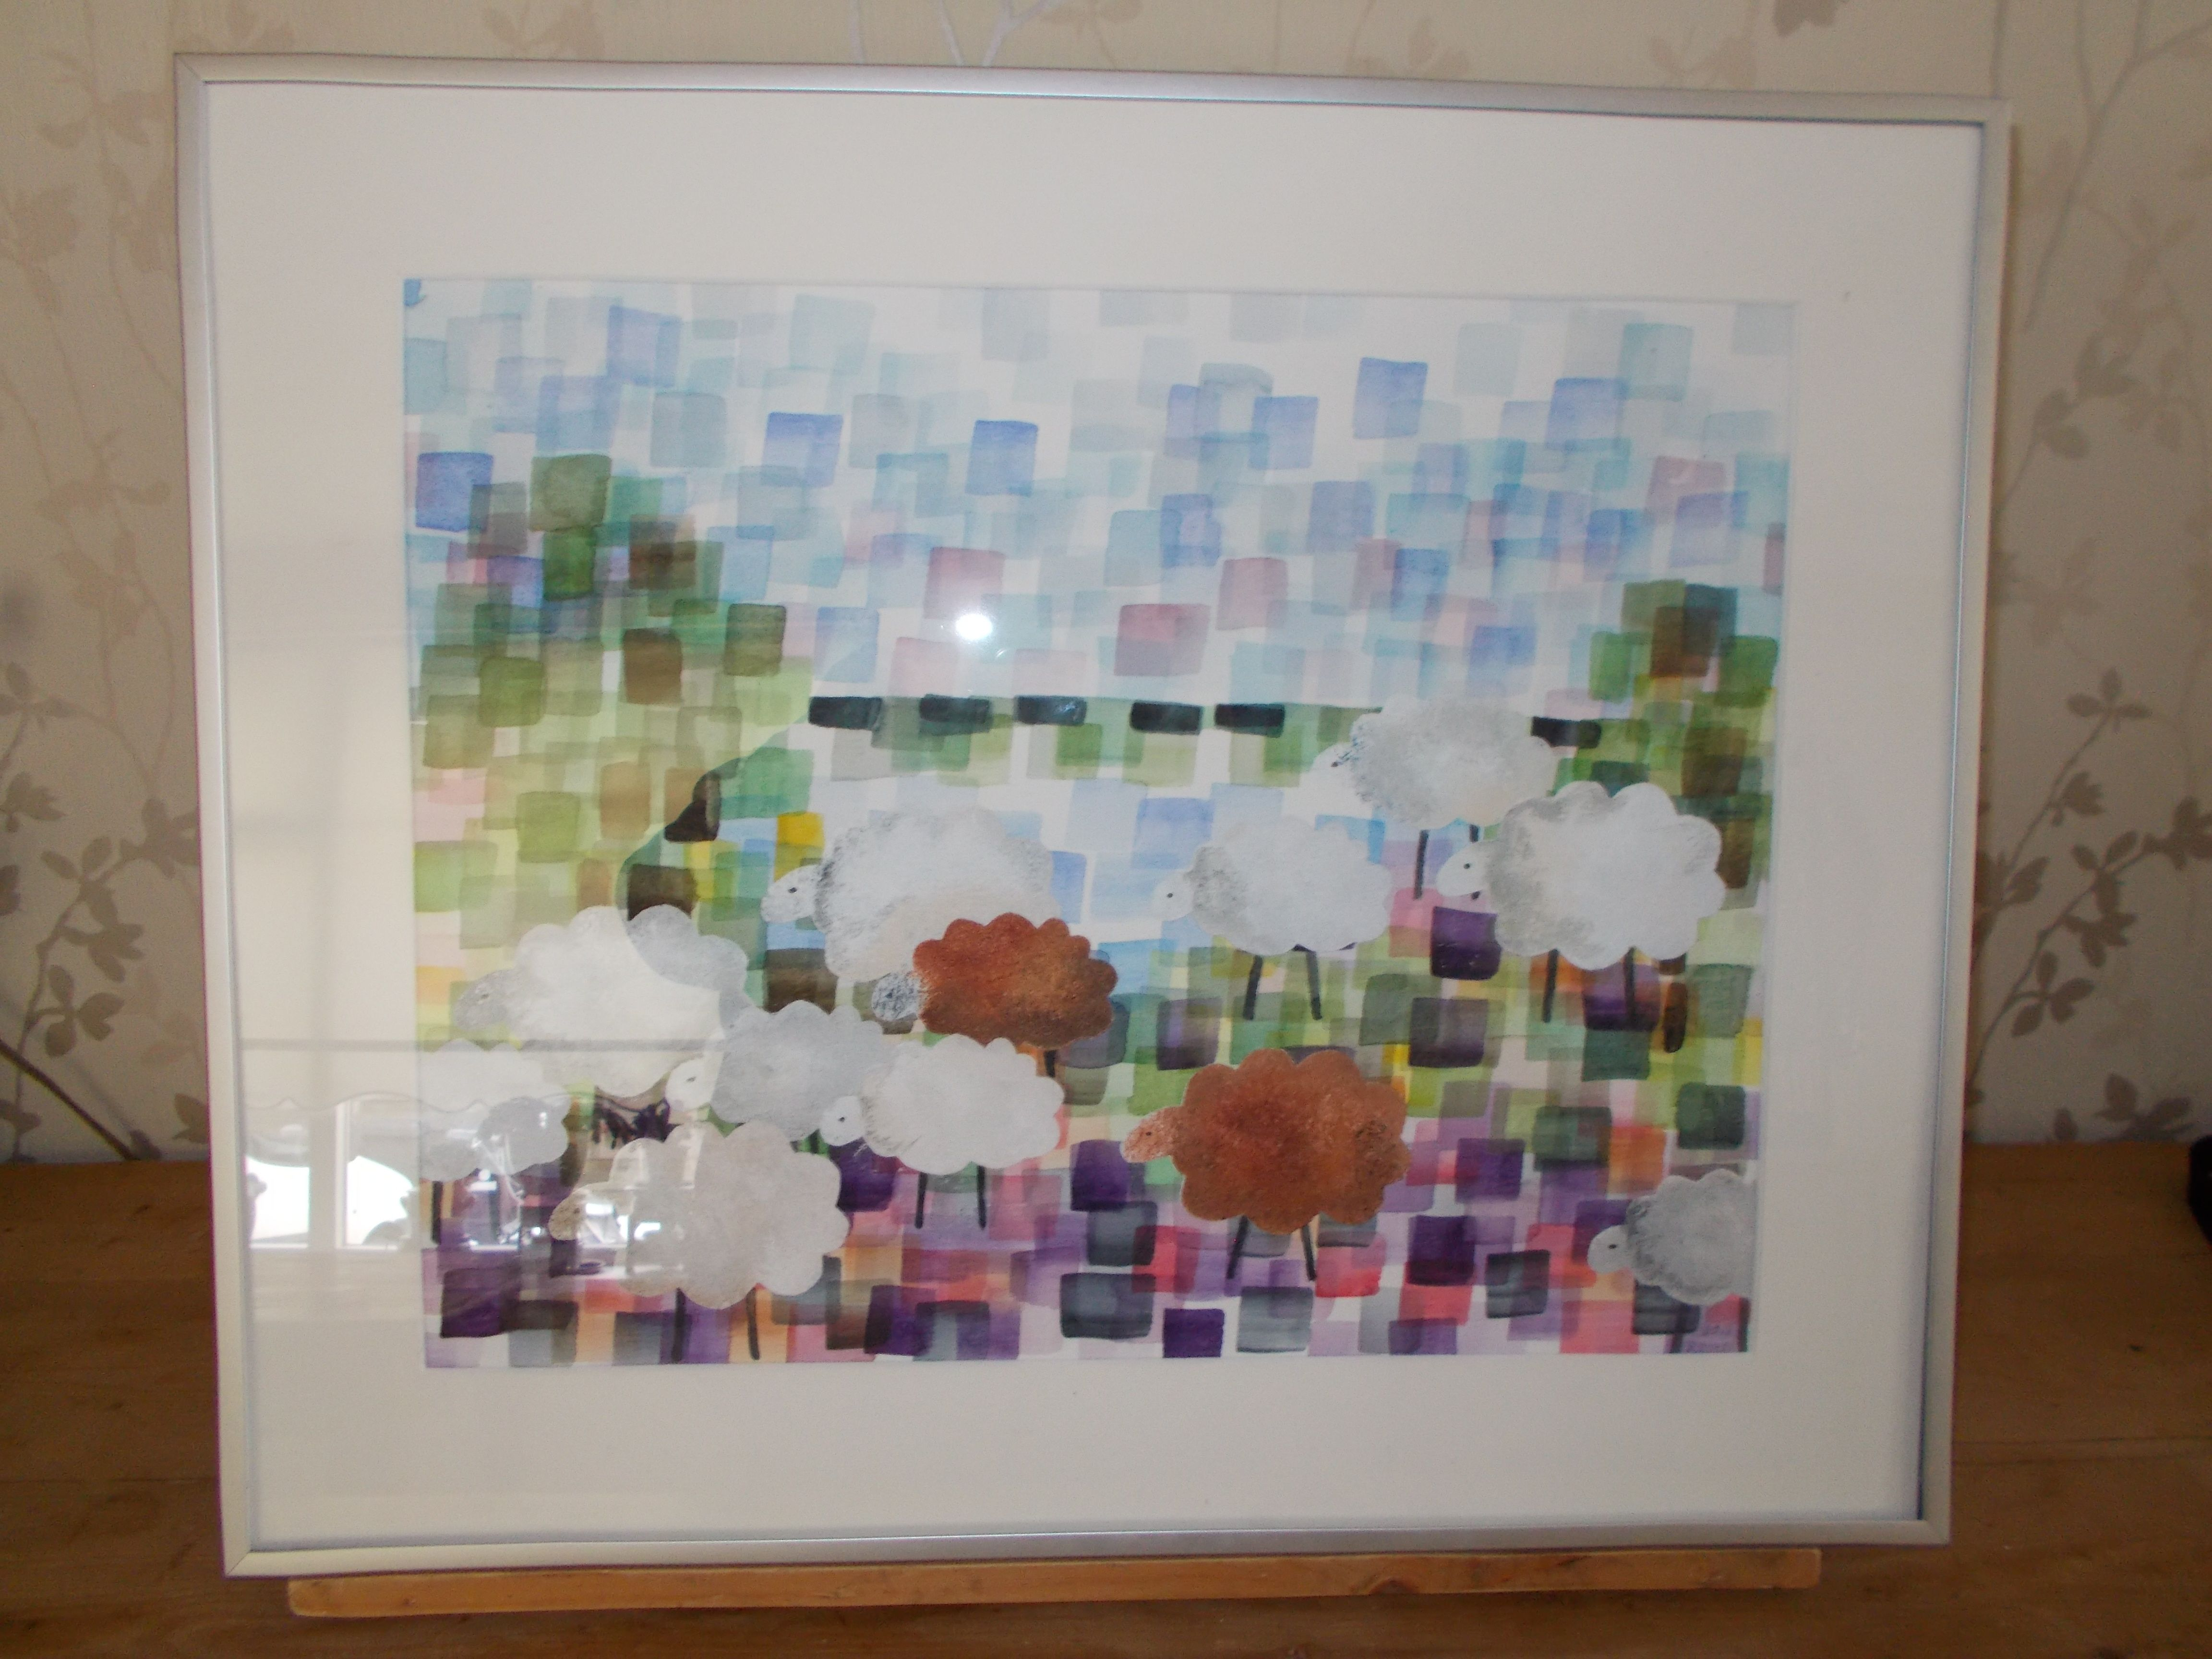 schapen in aquarel en acryl. afm. 50x60. incl. aluminium lijst te koop voor 125 euro